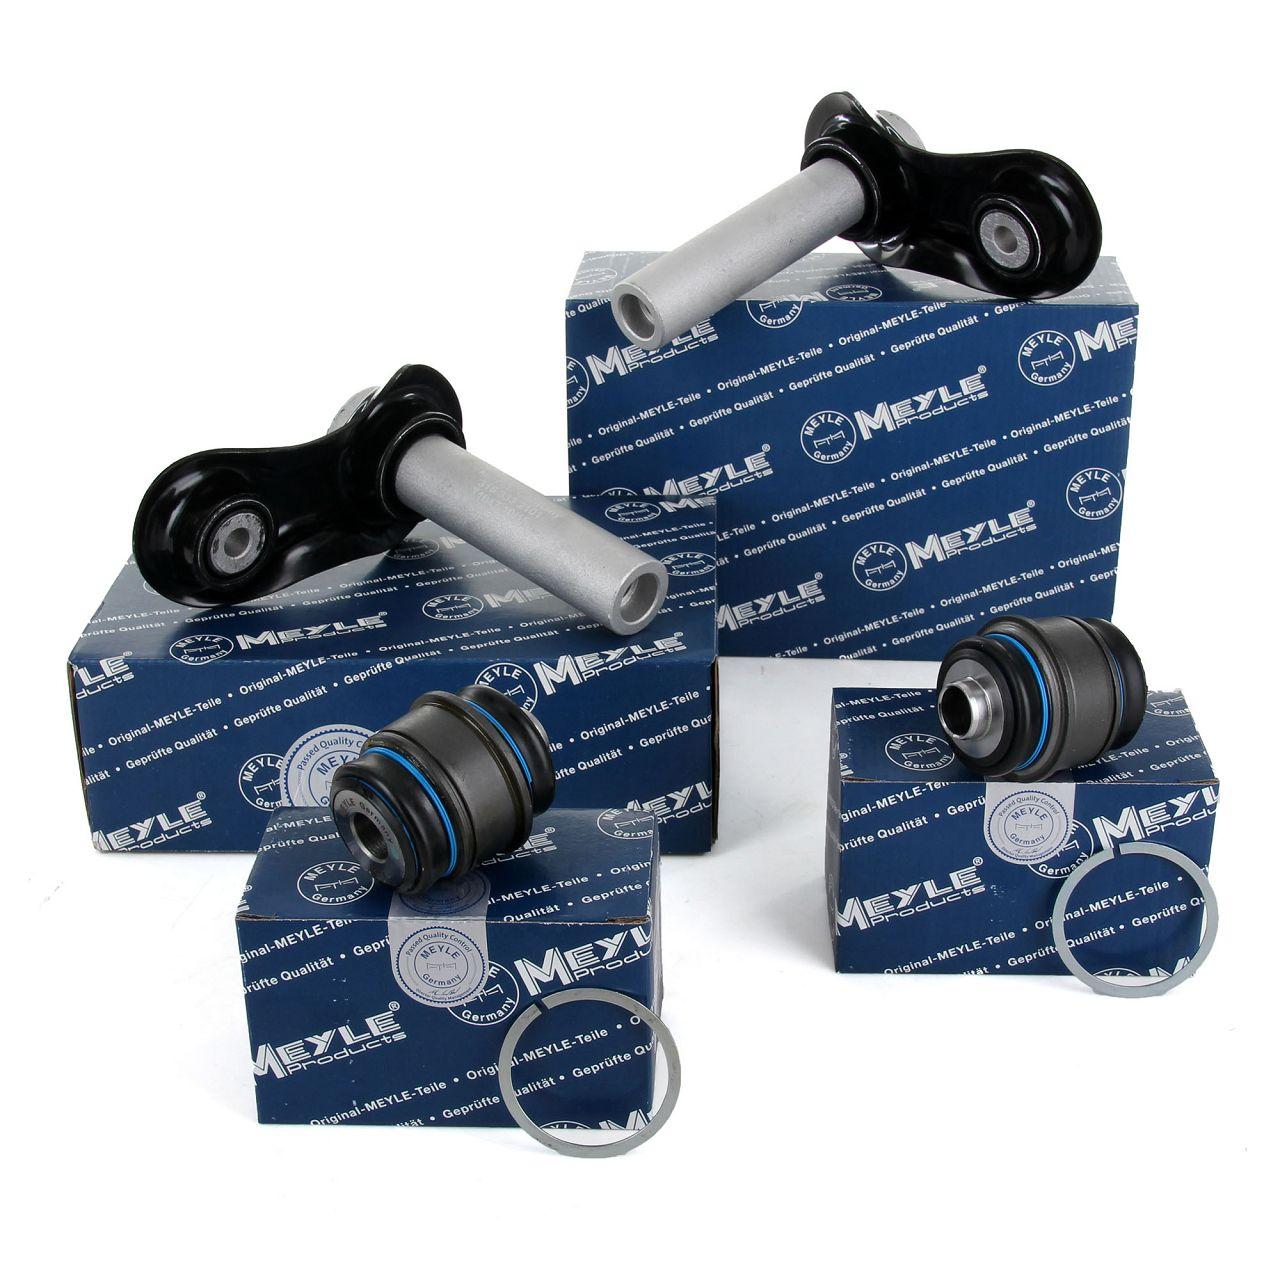 2x MEYLE Integrallenker + Lagerbuchse BMW 5er E39 E60 E61 6er E63 E64 7er E38 E65 hinten